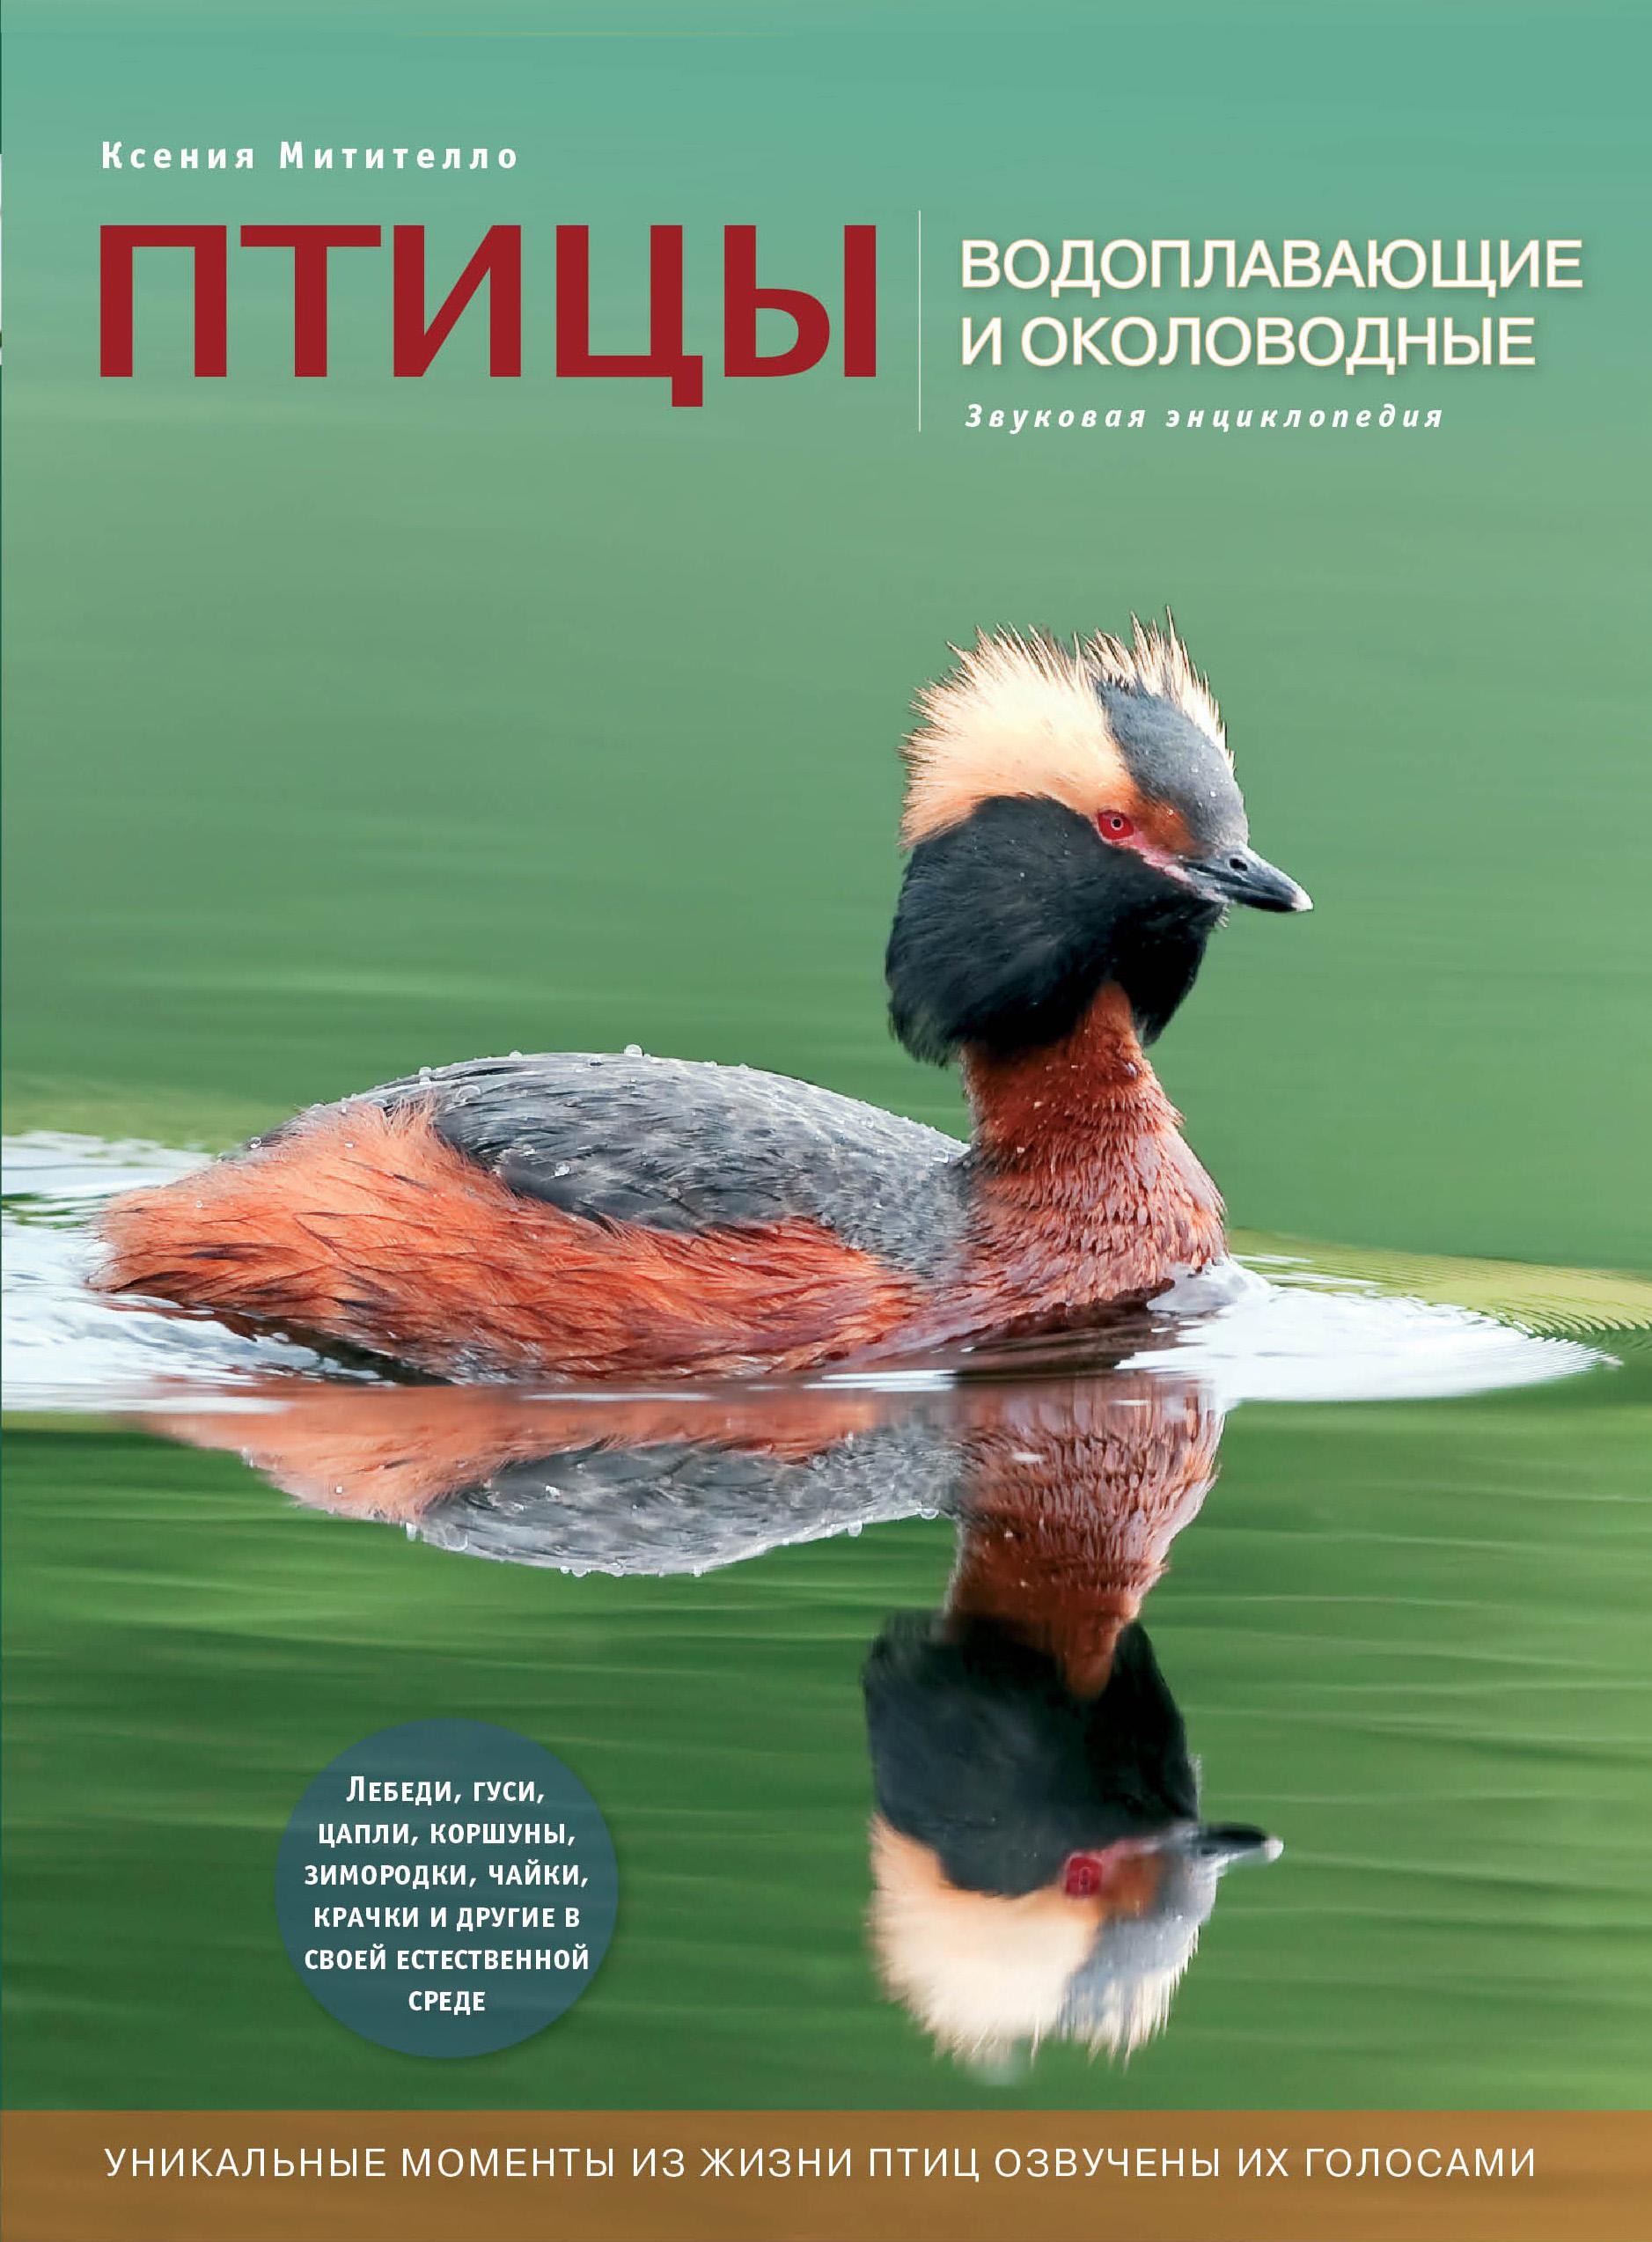 Птицы. Водоплавающие и околоводные (с музыкальным модулем) [утка] (Подарочные издания. Энциклопедии животных) ( Митителло К.Б.  )